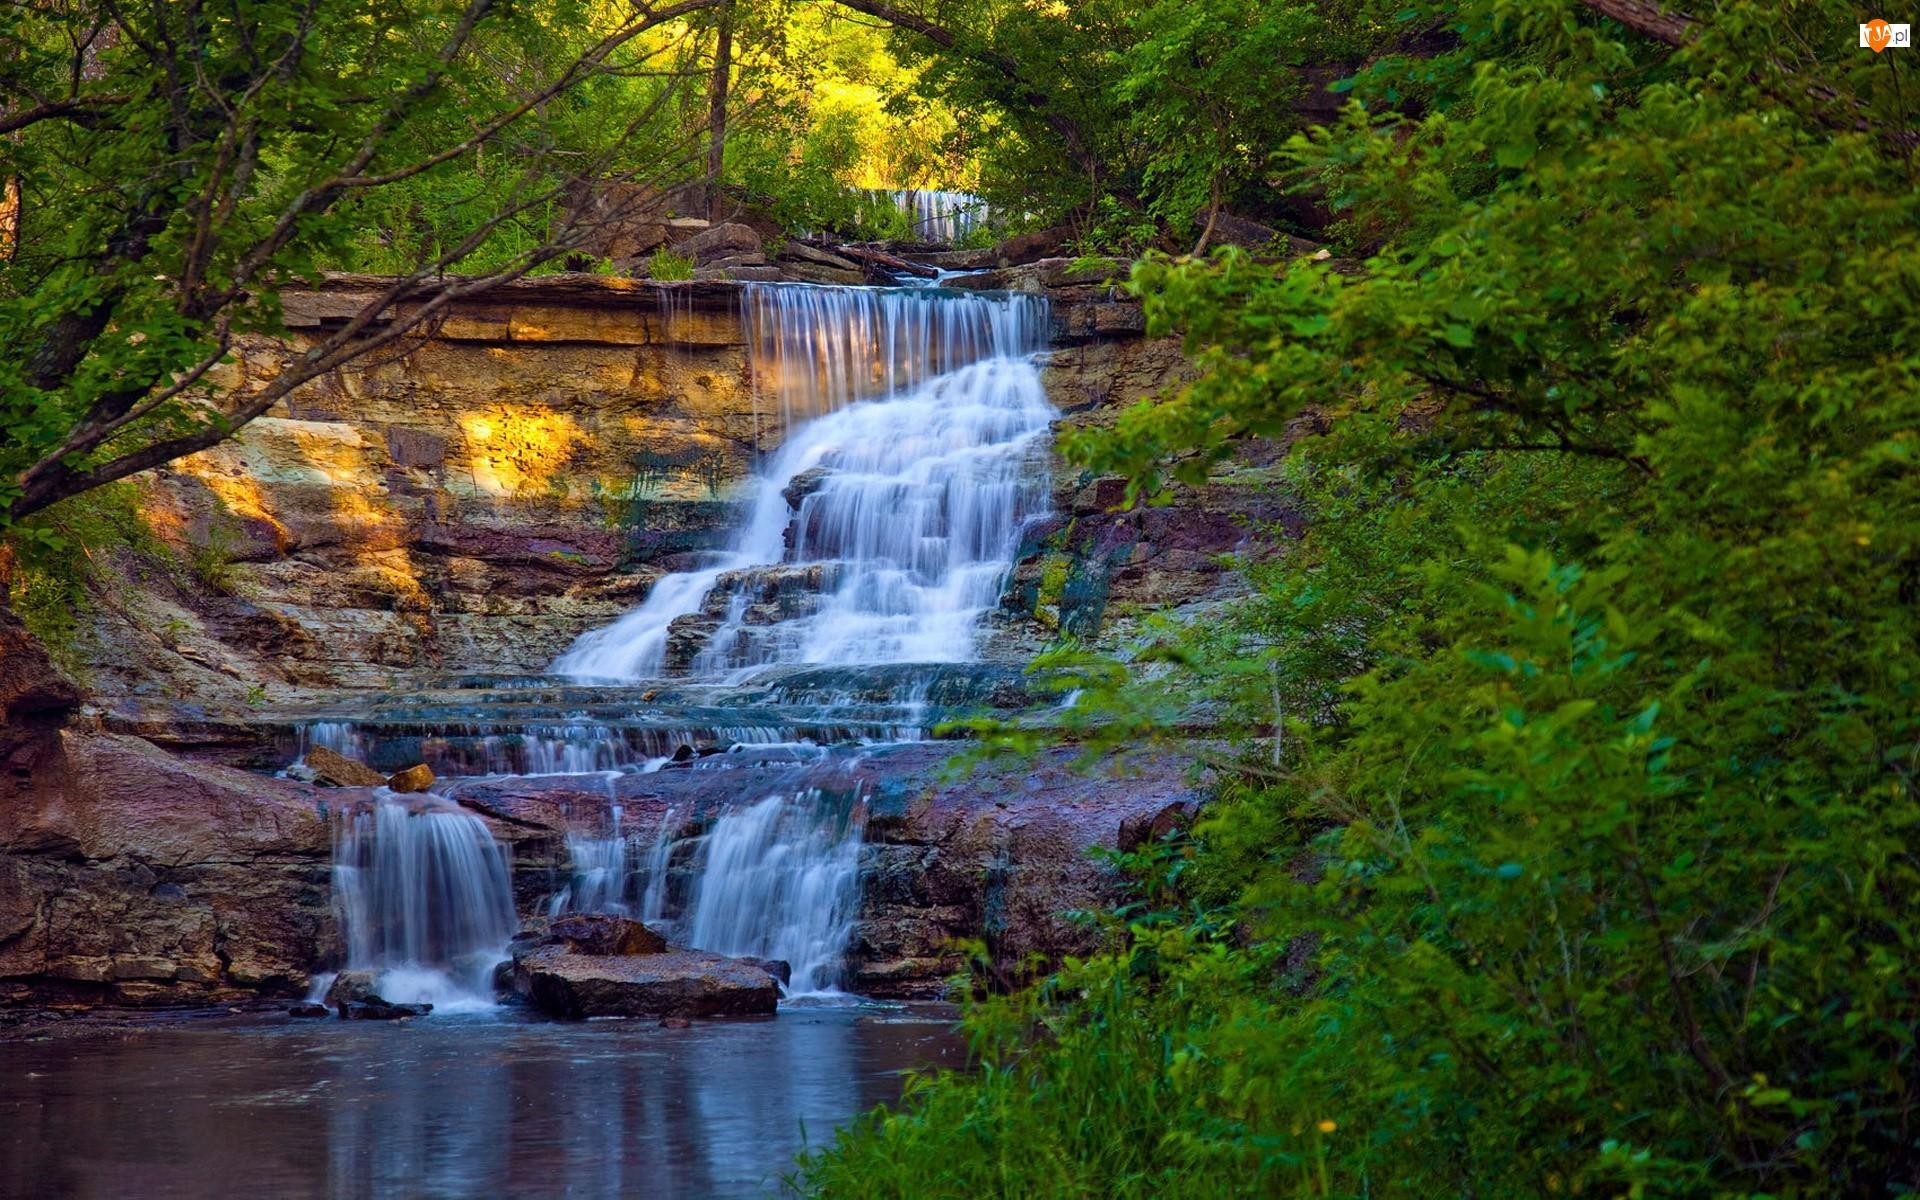 Wodospad Prather Creek Falls, Skały, Stany Zjednoczone, Drzewa, Stan Kansas, Las